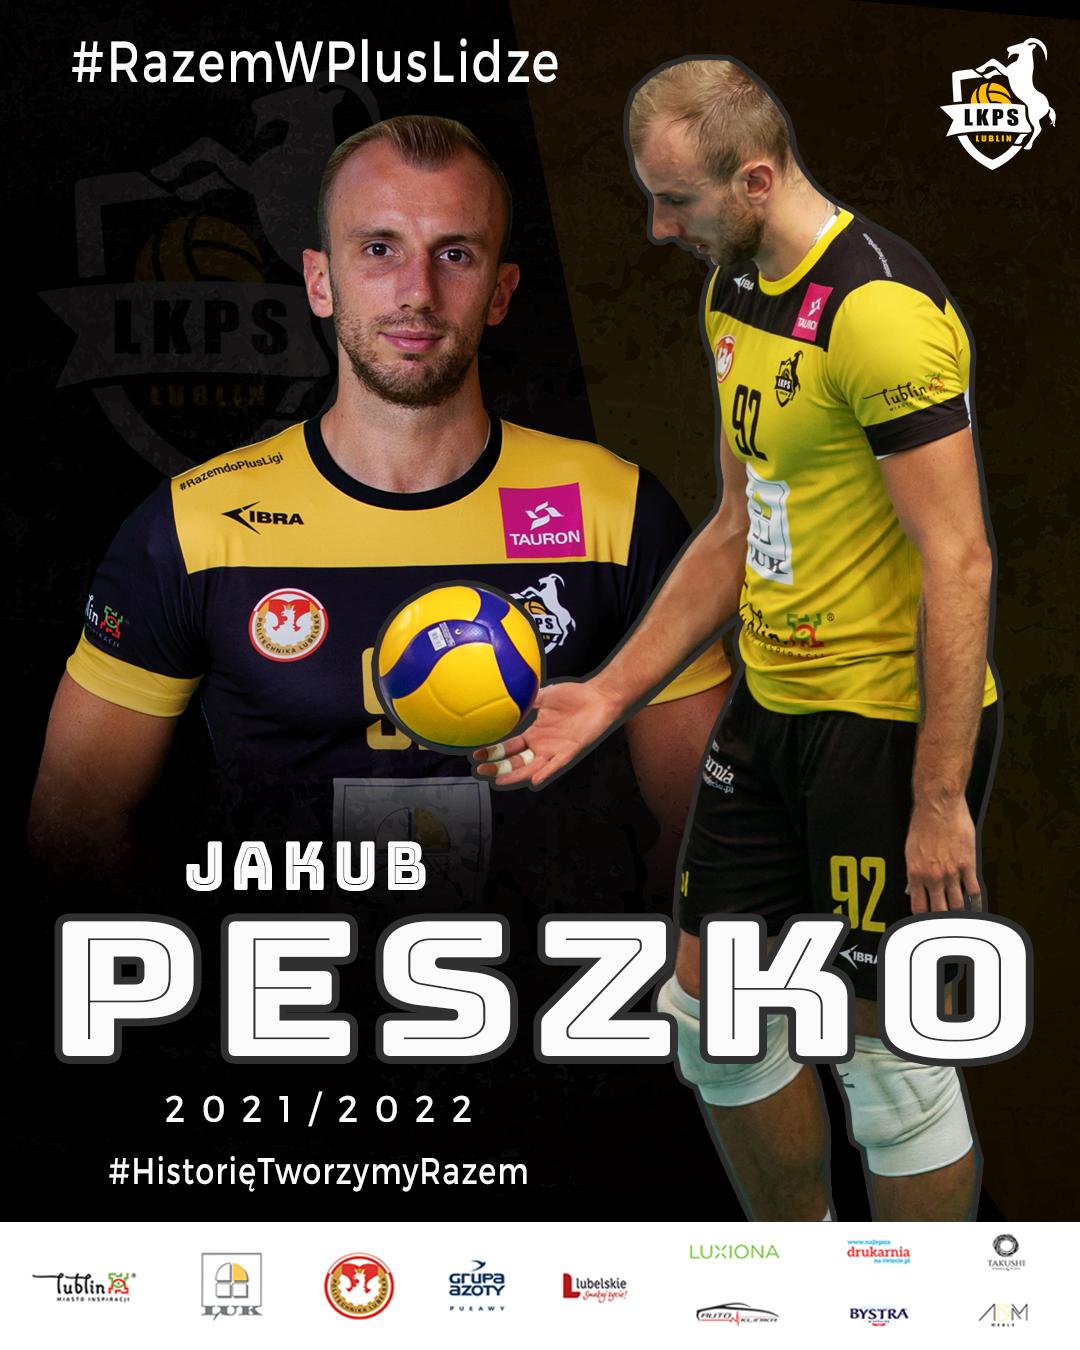 Jakub Peszko pozostaje w składzie LUK Politechniki Lublin